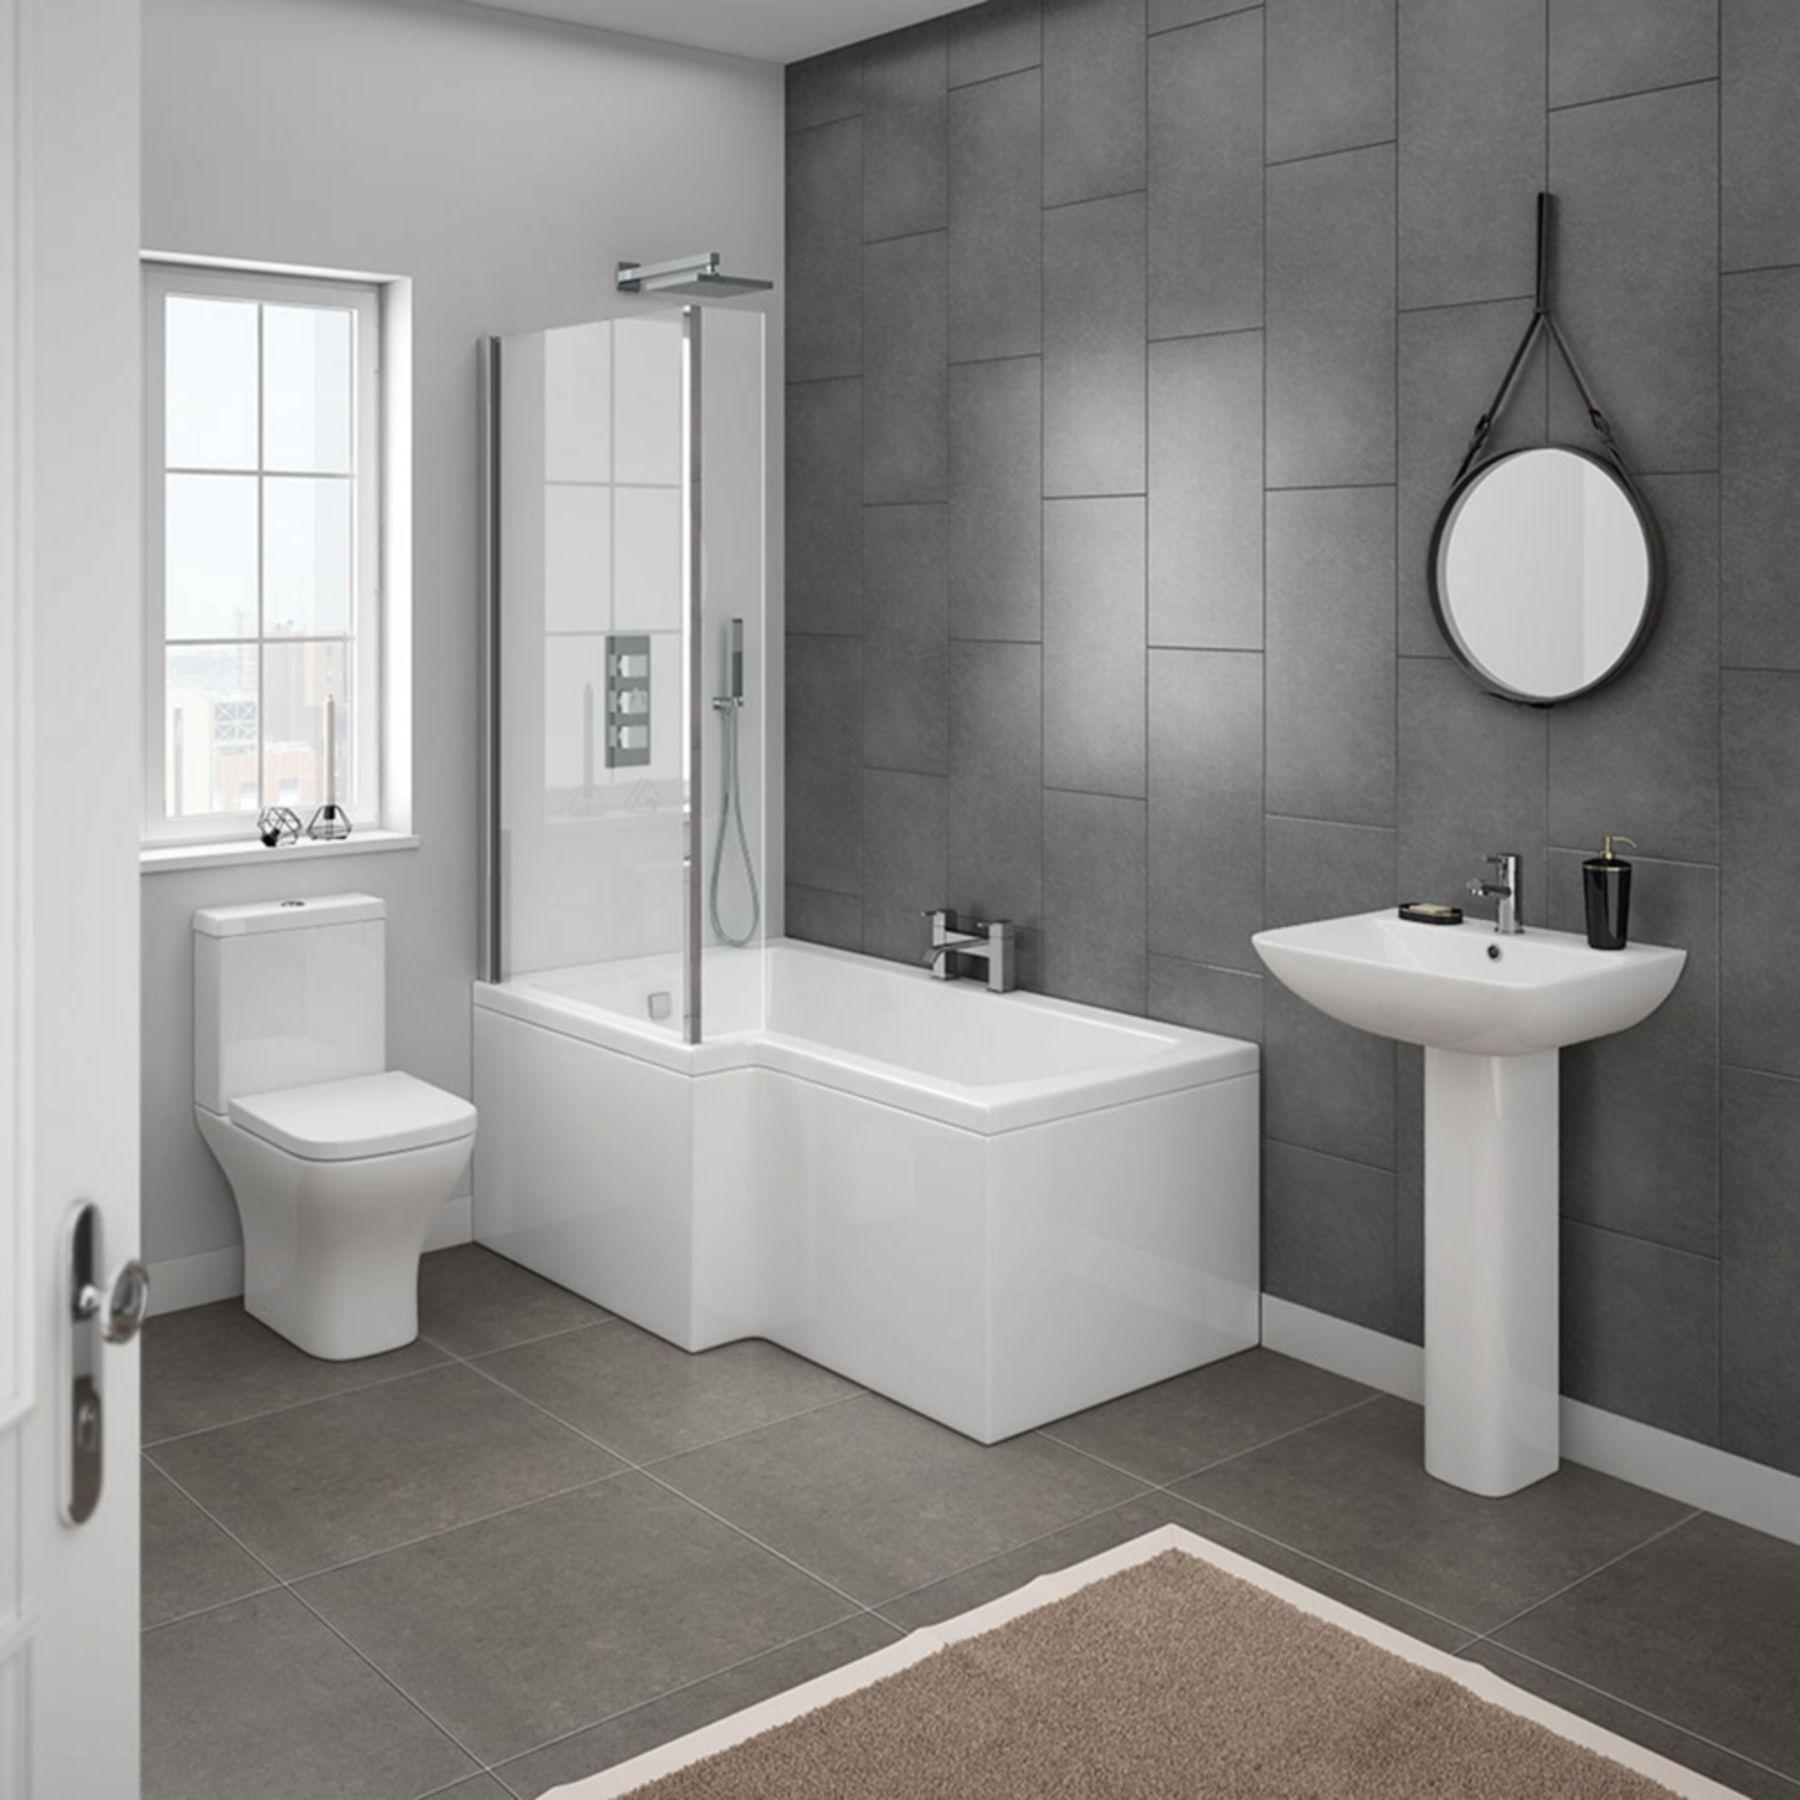 Top 16 Modern Bathroom Design Ideas With Shower Modernes Badezimmerdesign Badezimmer Klein Badewanne Mit Dusche